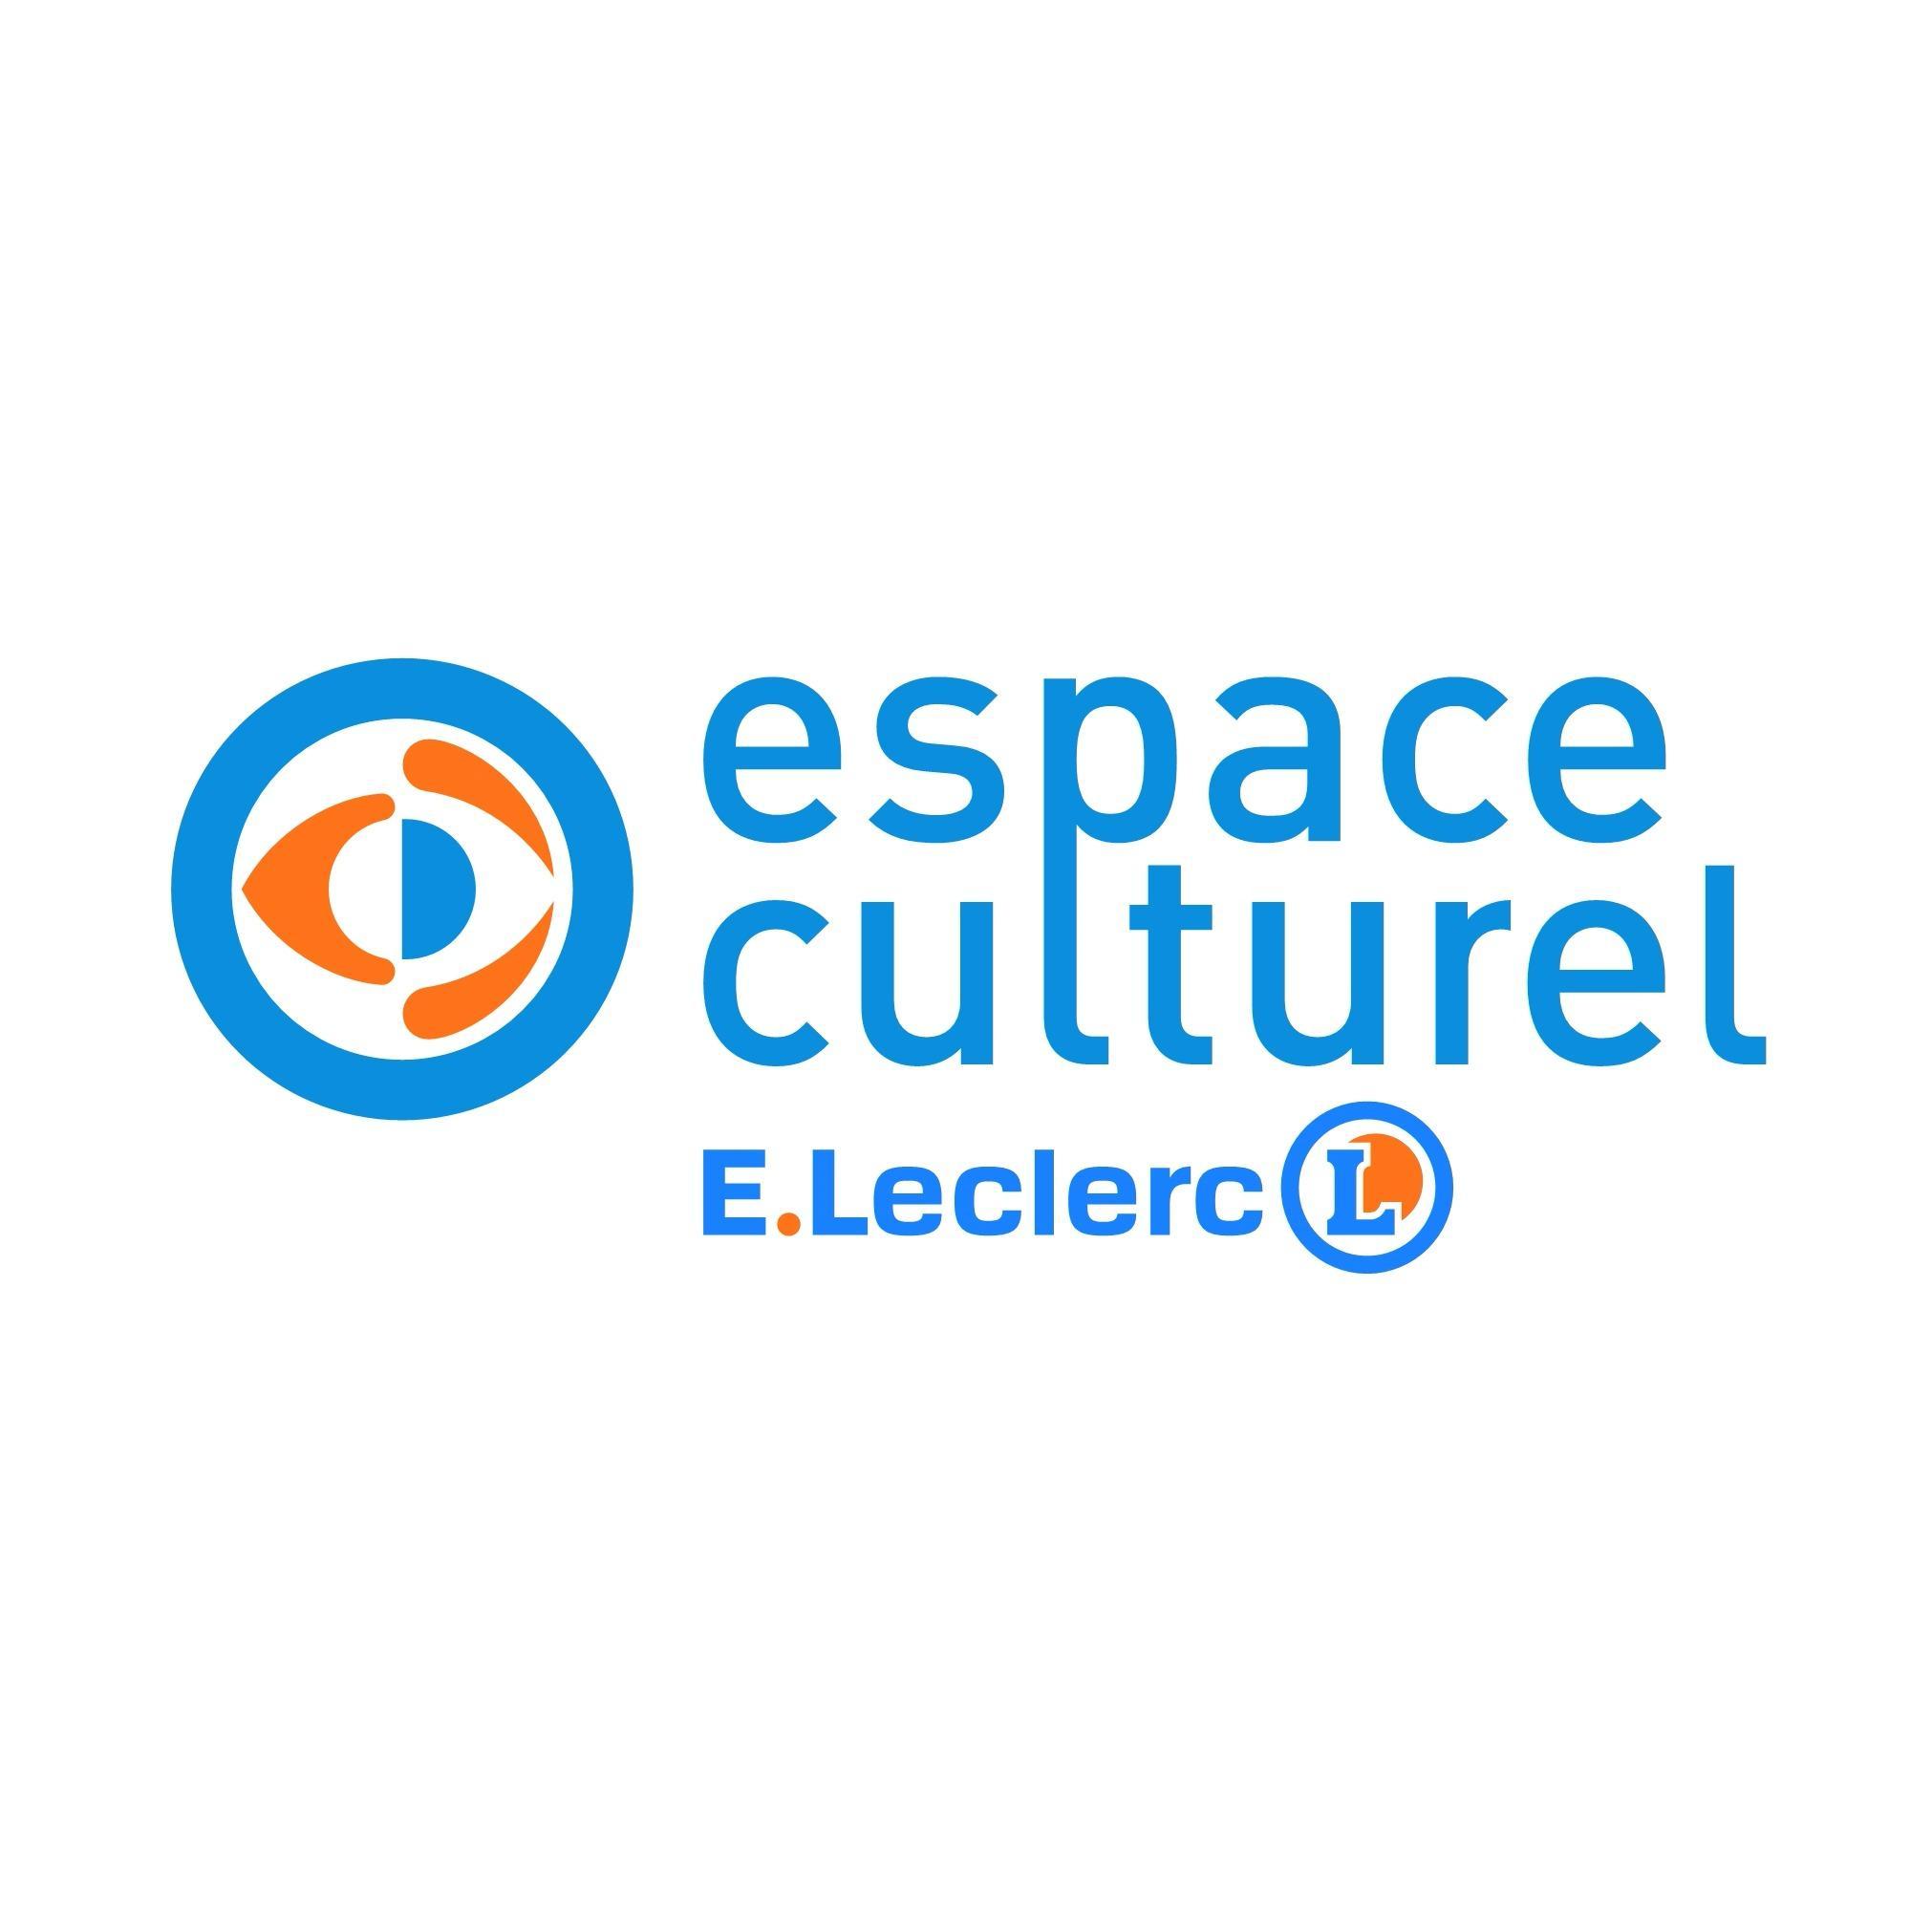 E.Leclerc Espace Culturel jeux vidéo (vente, location)